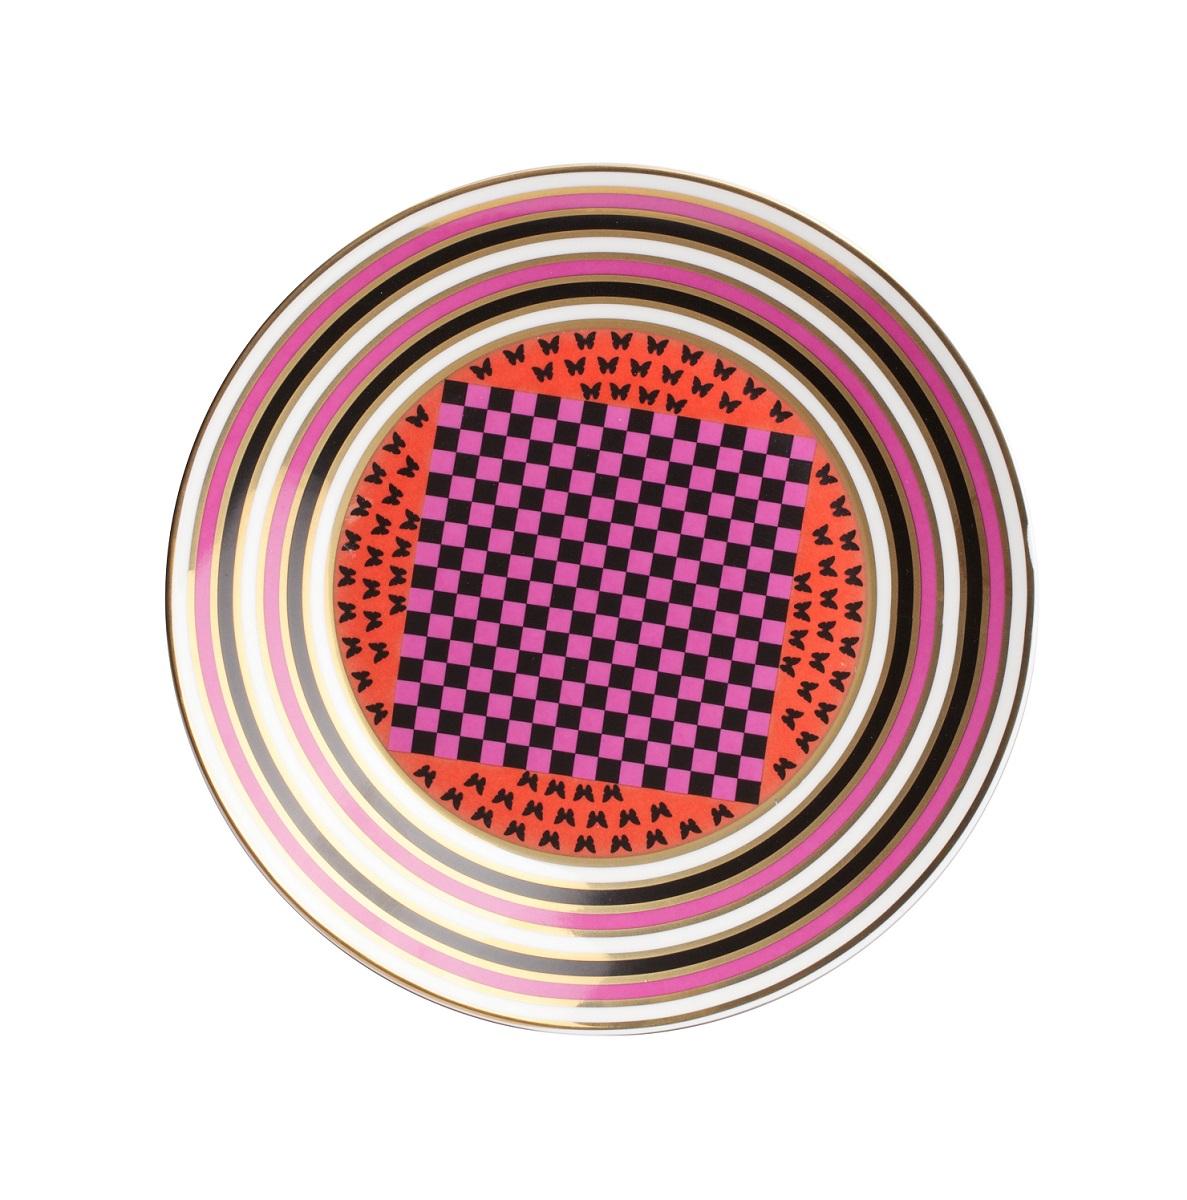 Тарелка EclecticТарелки<br>Яркая тарелка Eclectic I изготовлена из грубой керамики, декорирована трехцветным орнаментом. Тарелку можно приобрести отдельно или в комплекте с другими столовыми предметами из коллекции.<br><br>Material: Керамика<br>Height см: 2<br>Diameter см: 23